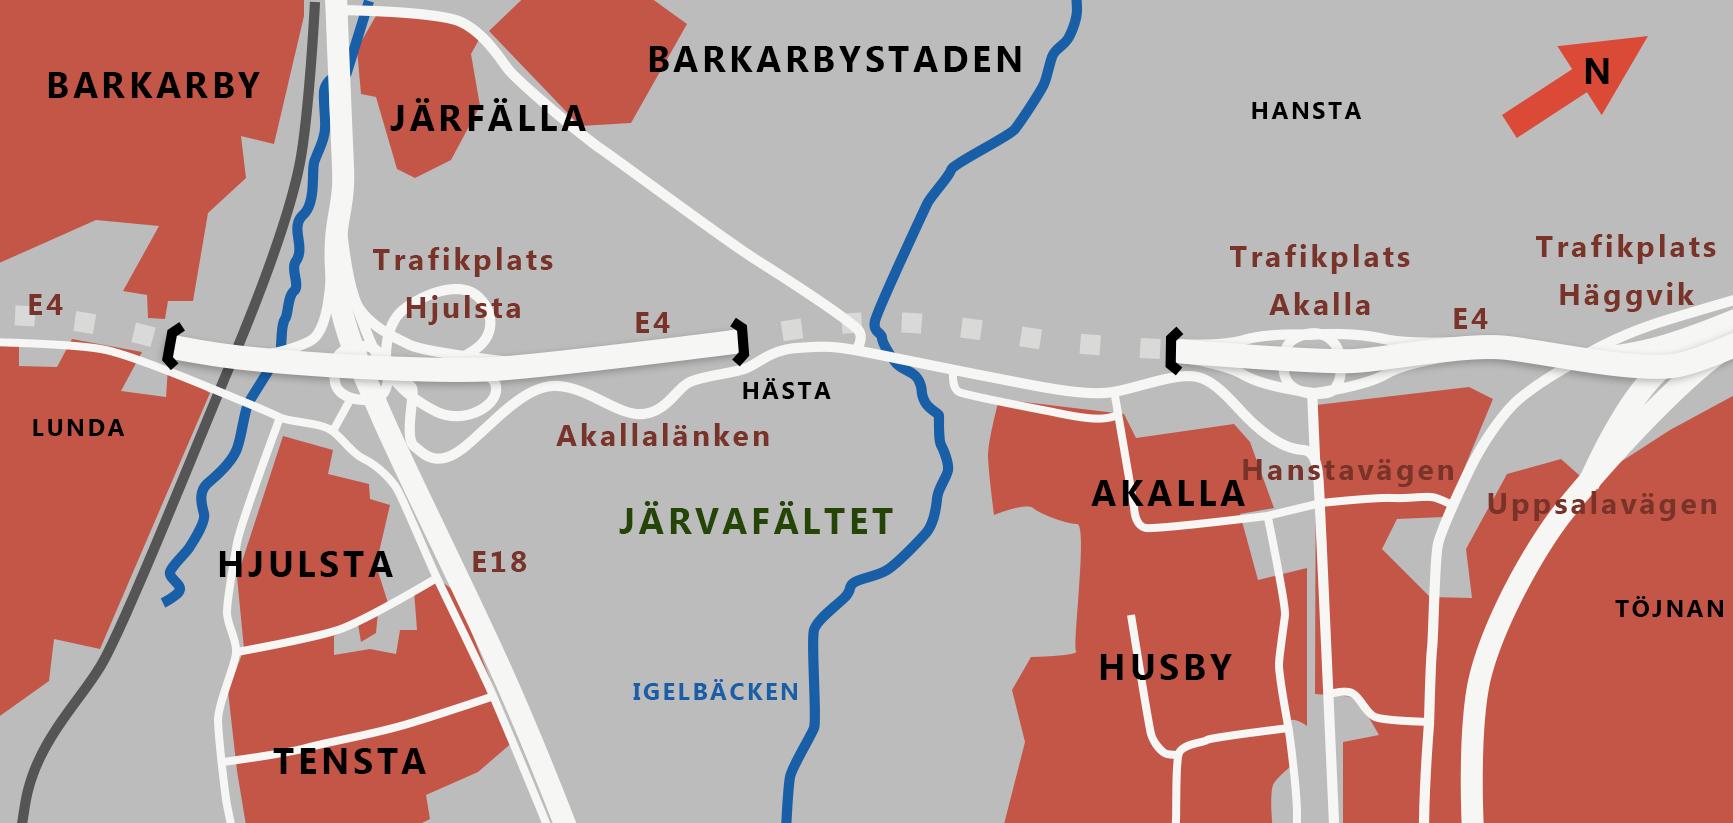 Karta över Förbifart Stockholms dragning över Järvafaltet